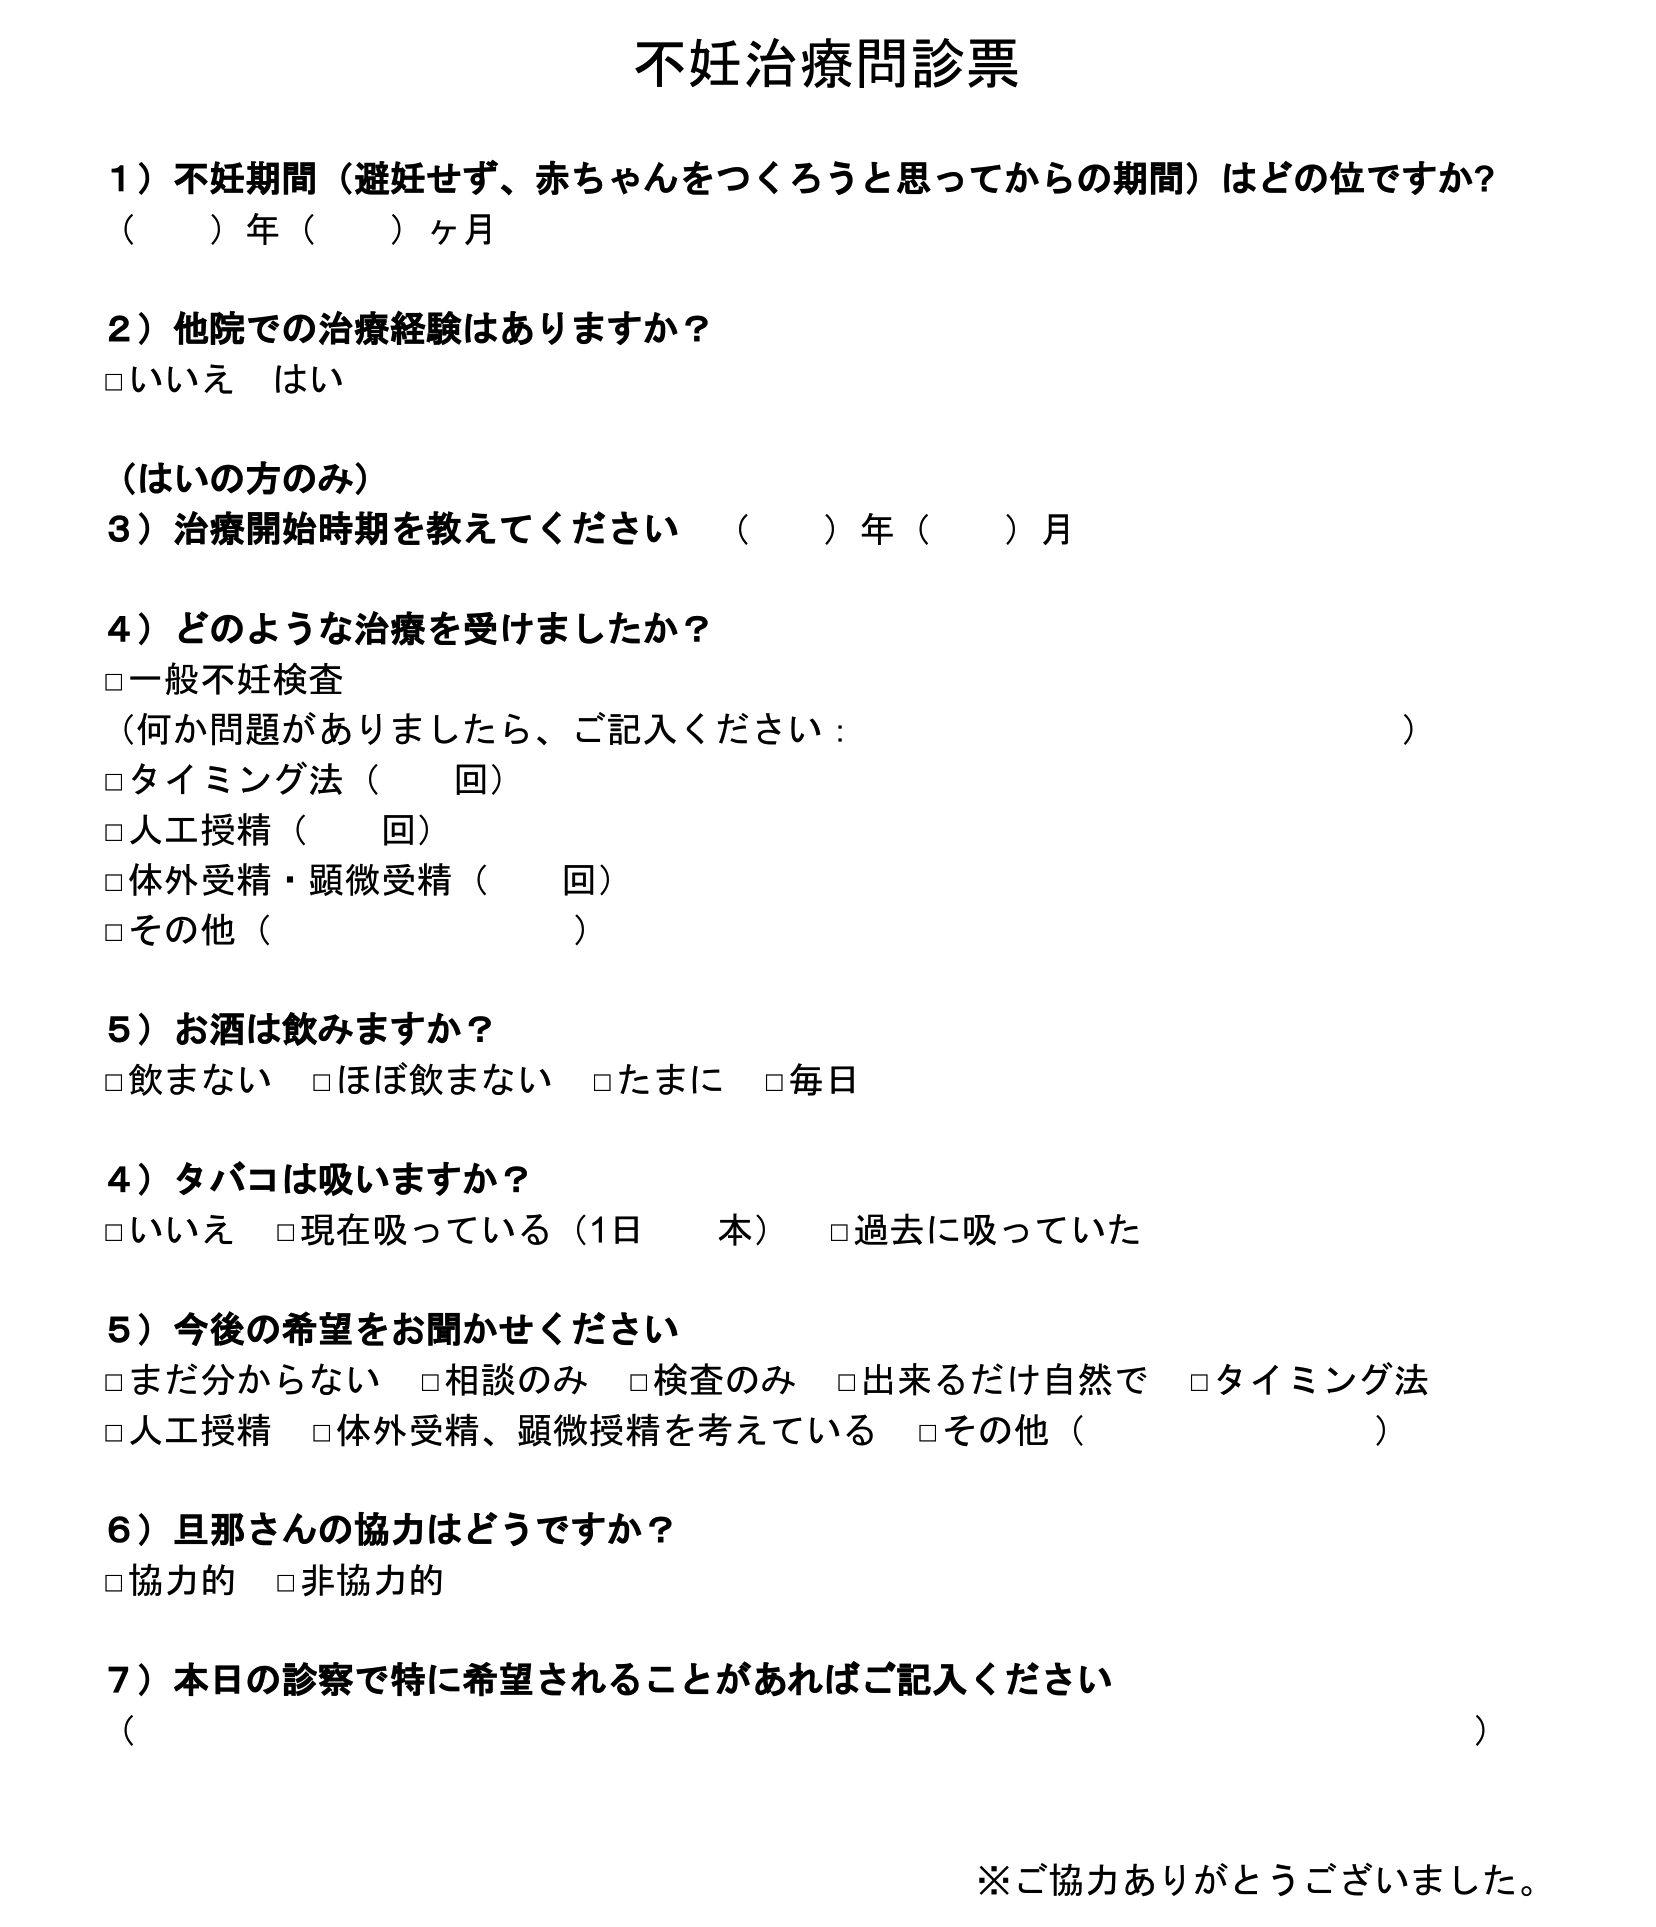 不妊治療問診票テンプレート-1